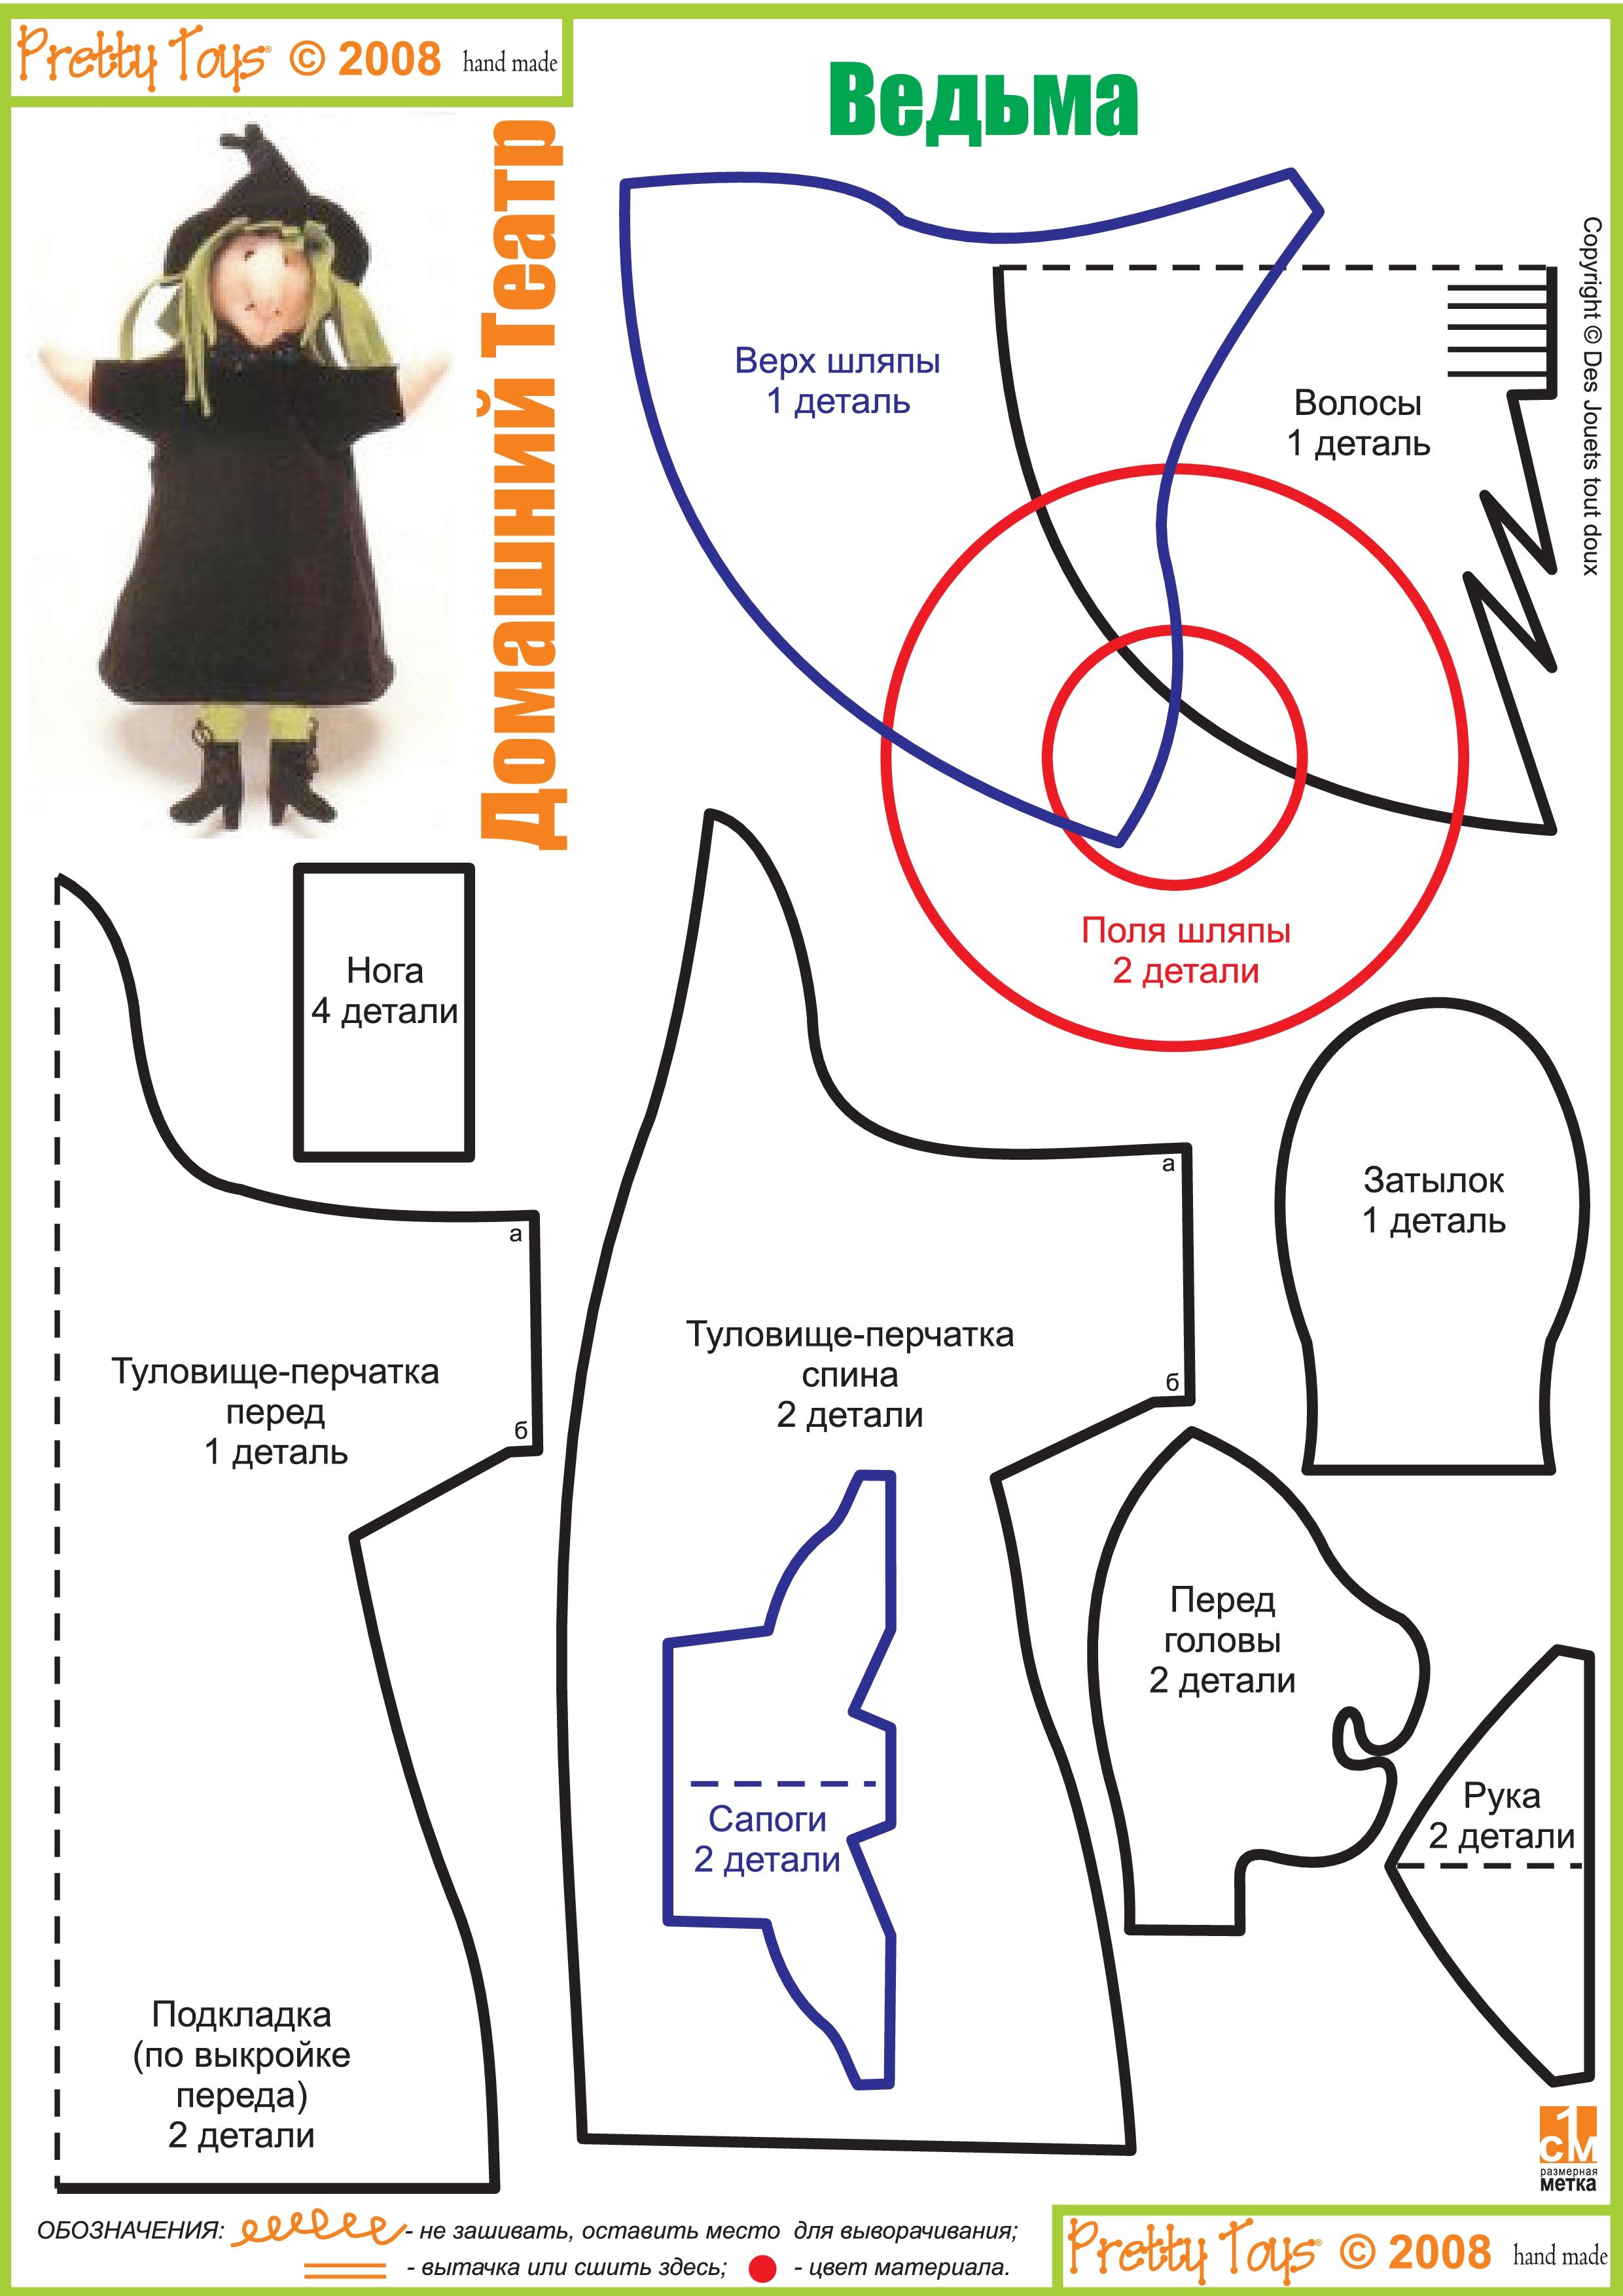 Как сшить кукольный театр своими руками, мастер-класс - Pinterest 100